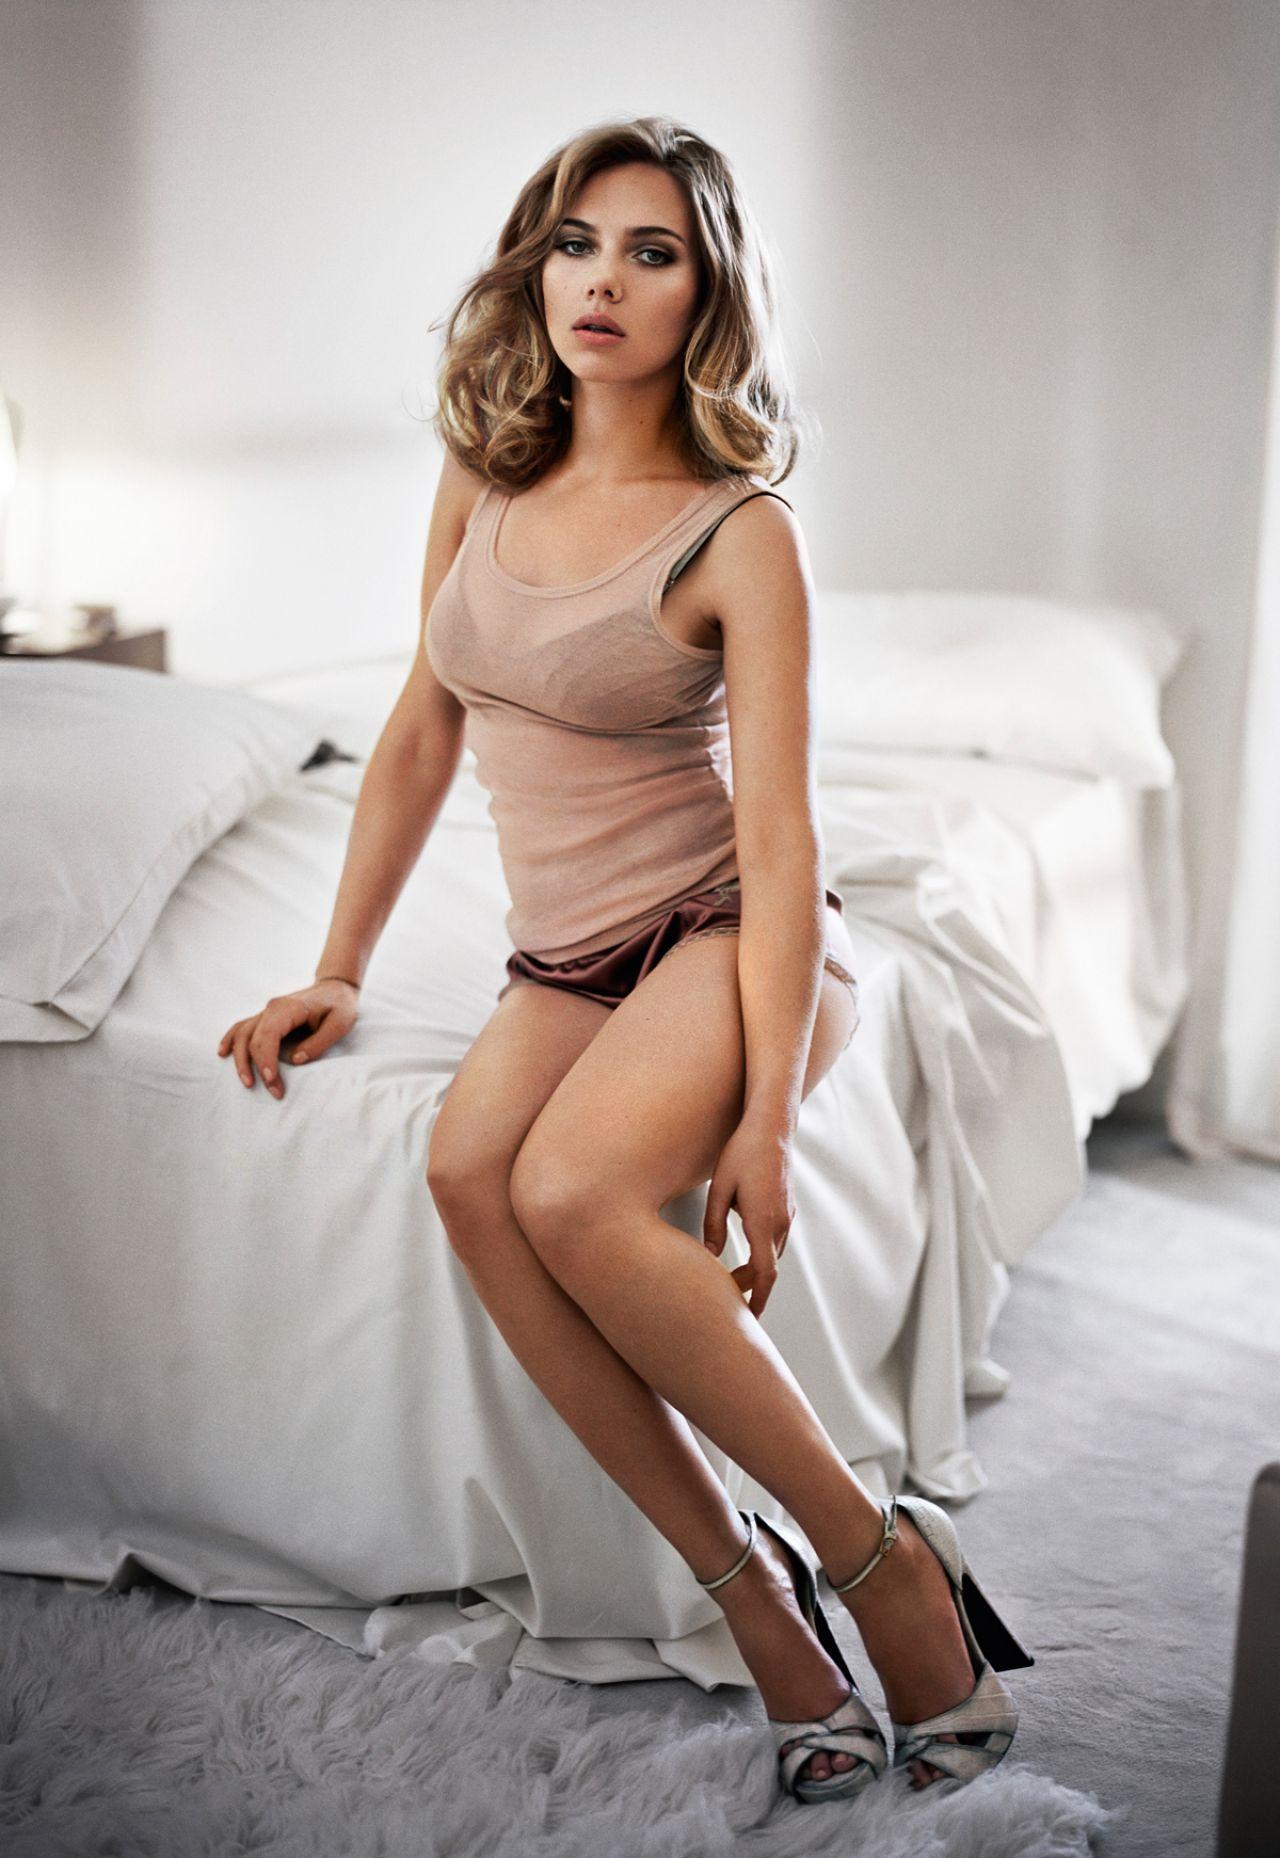 Эротичиские снимки журнал плеибои 16 фотография